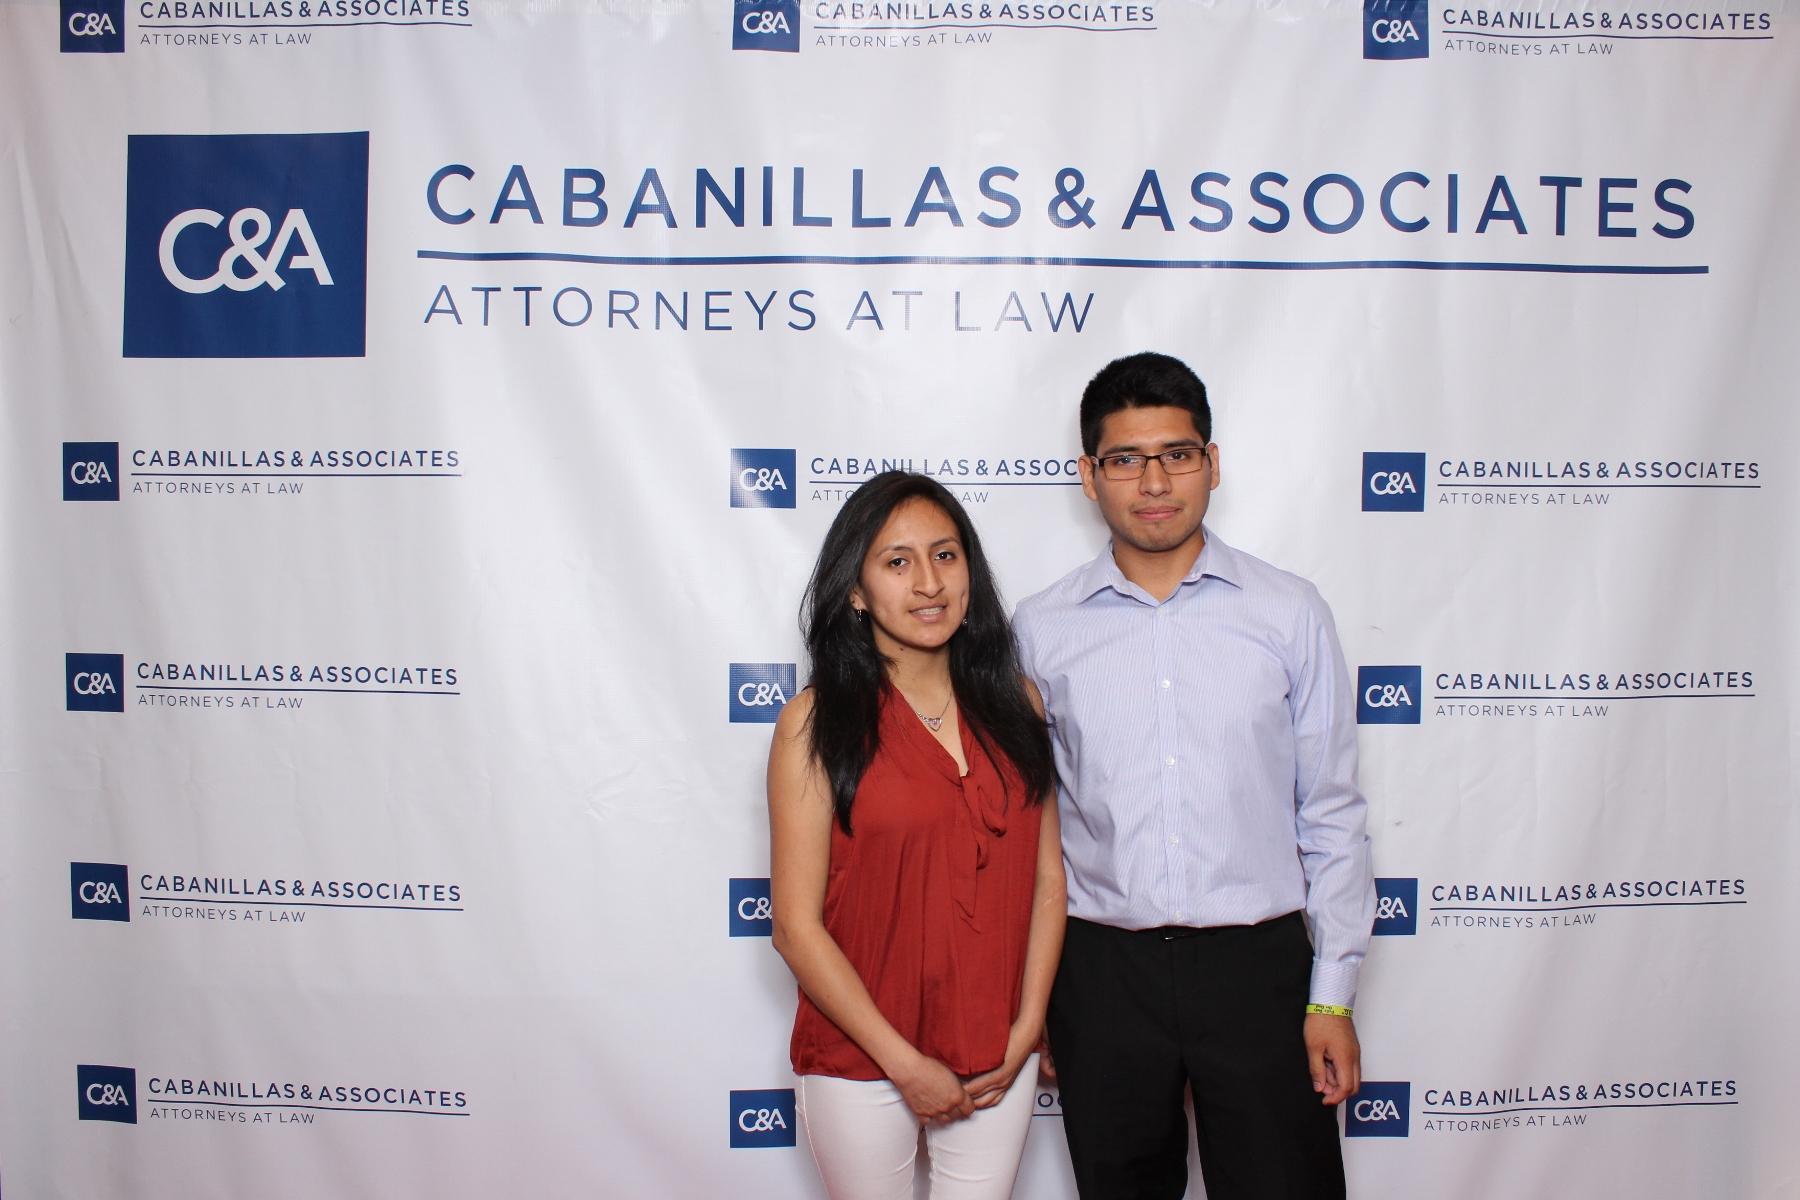 Cabanillas_2016-06-16_20-37-57.jpg